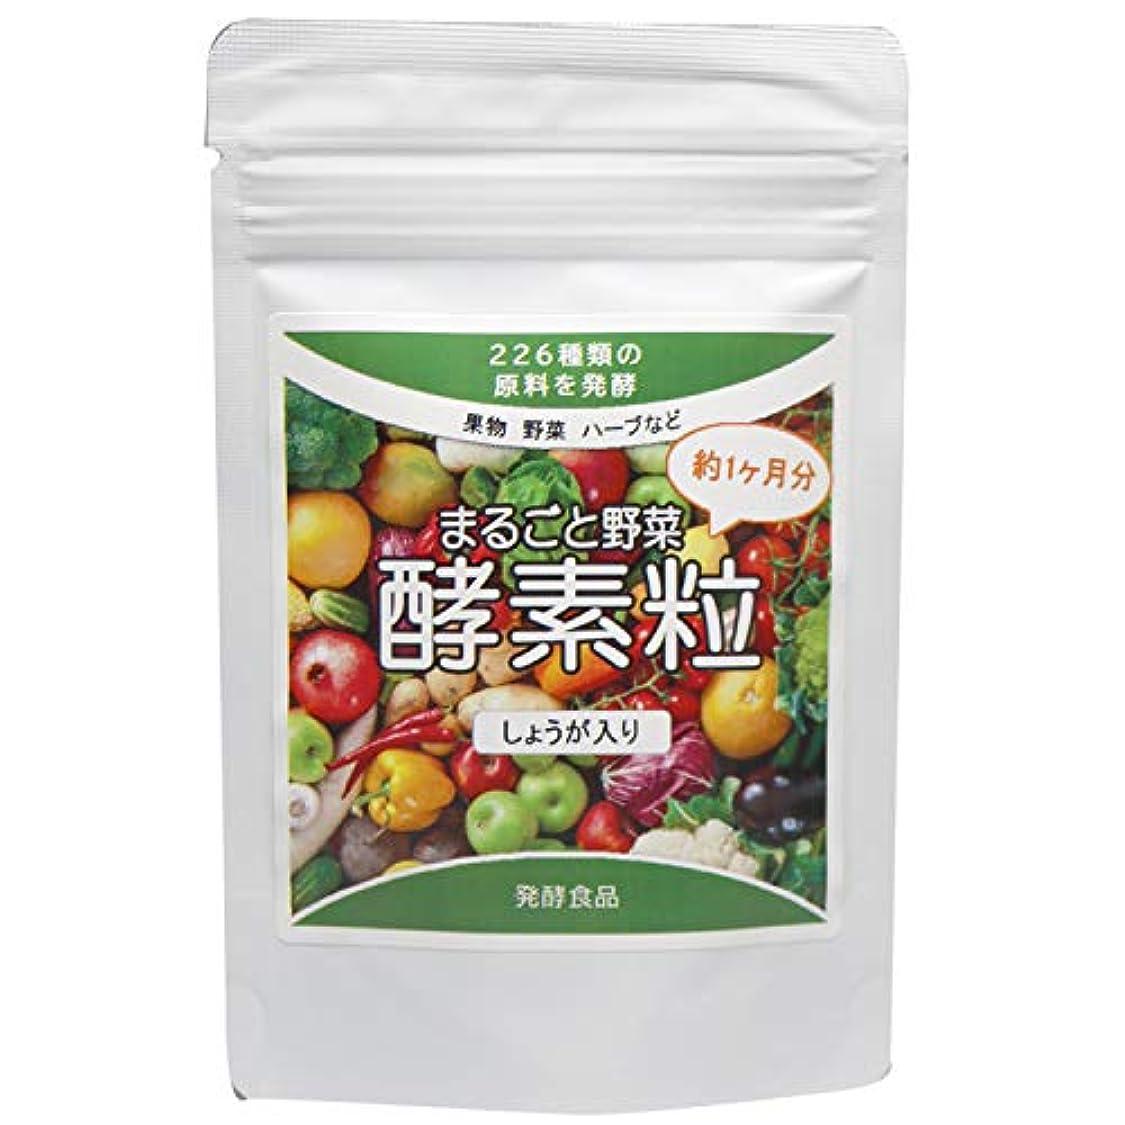 兵士のれん栄養まるごと野菜酵素粒 226種類の野菜発酵(しょうが入り) 約4ヶ月分 (440mg×120粒)